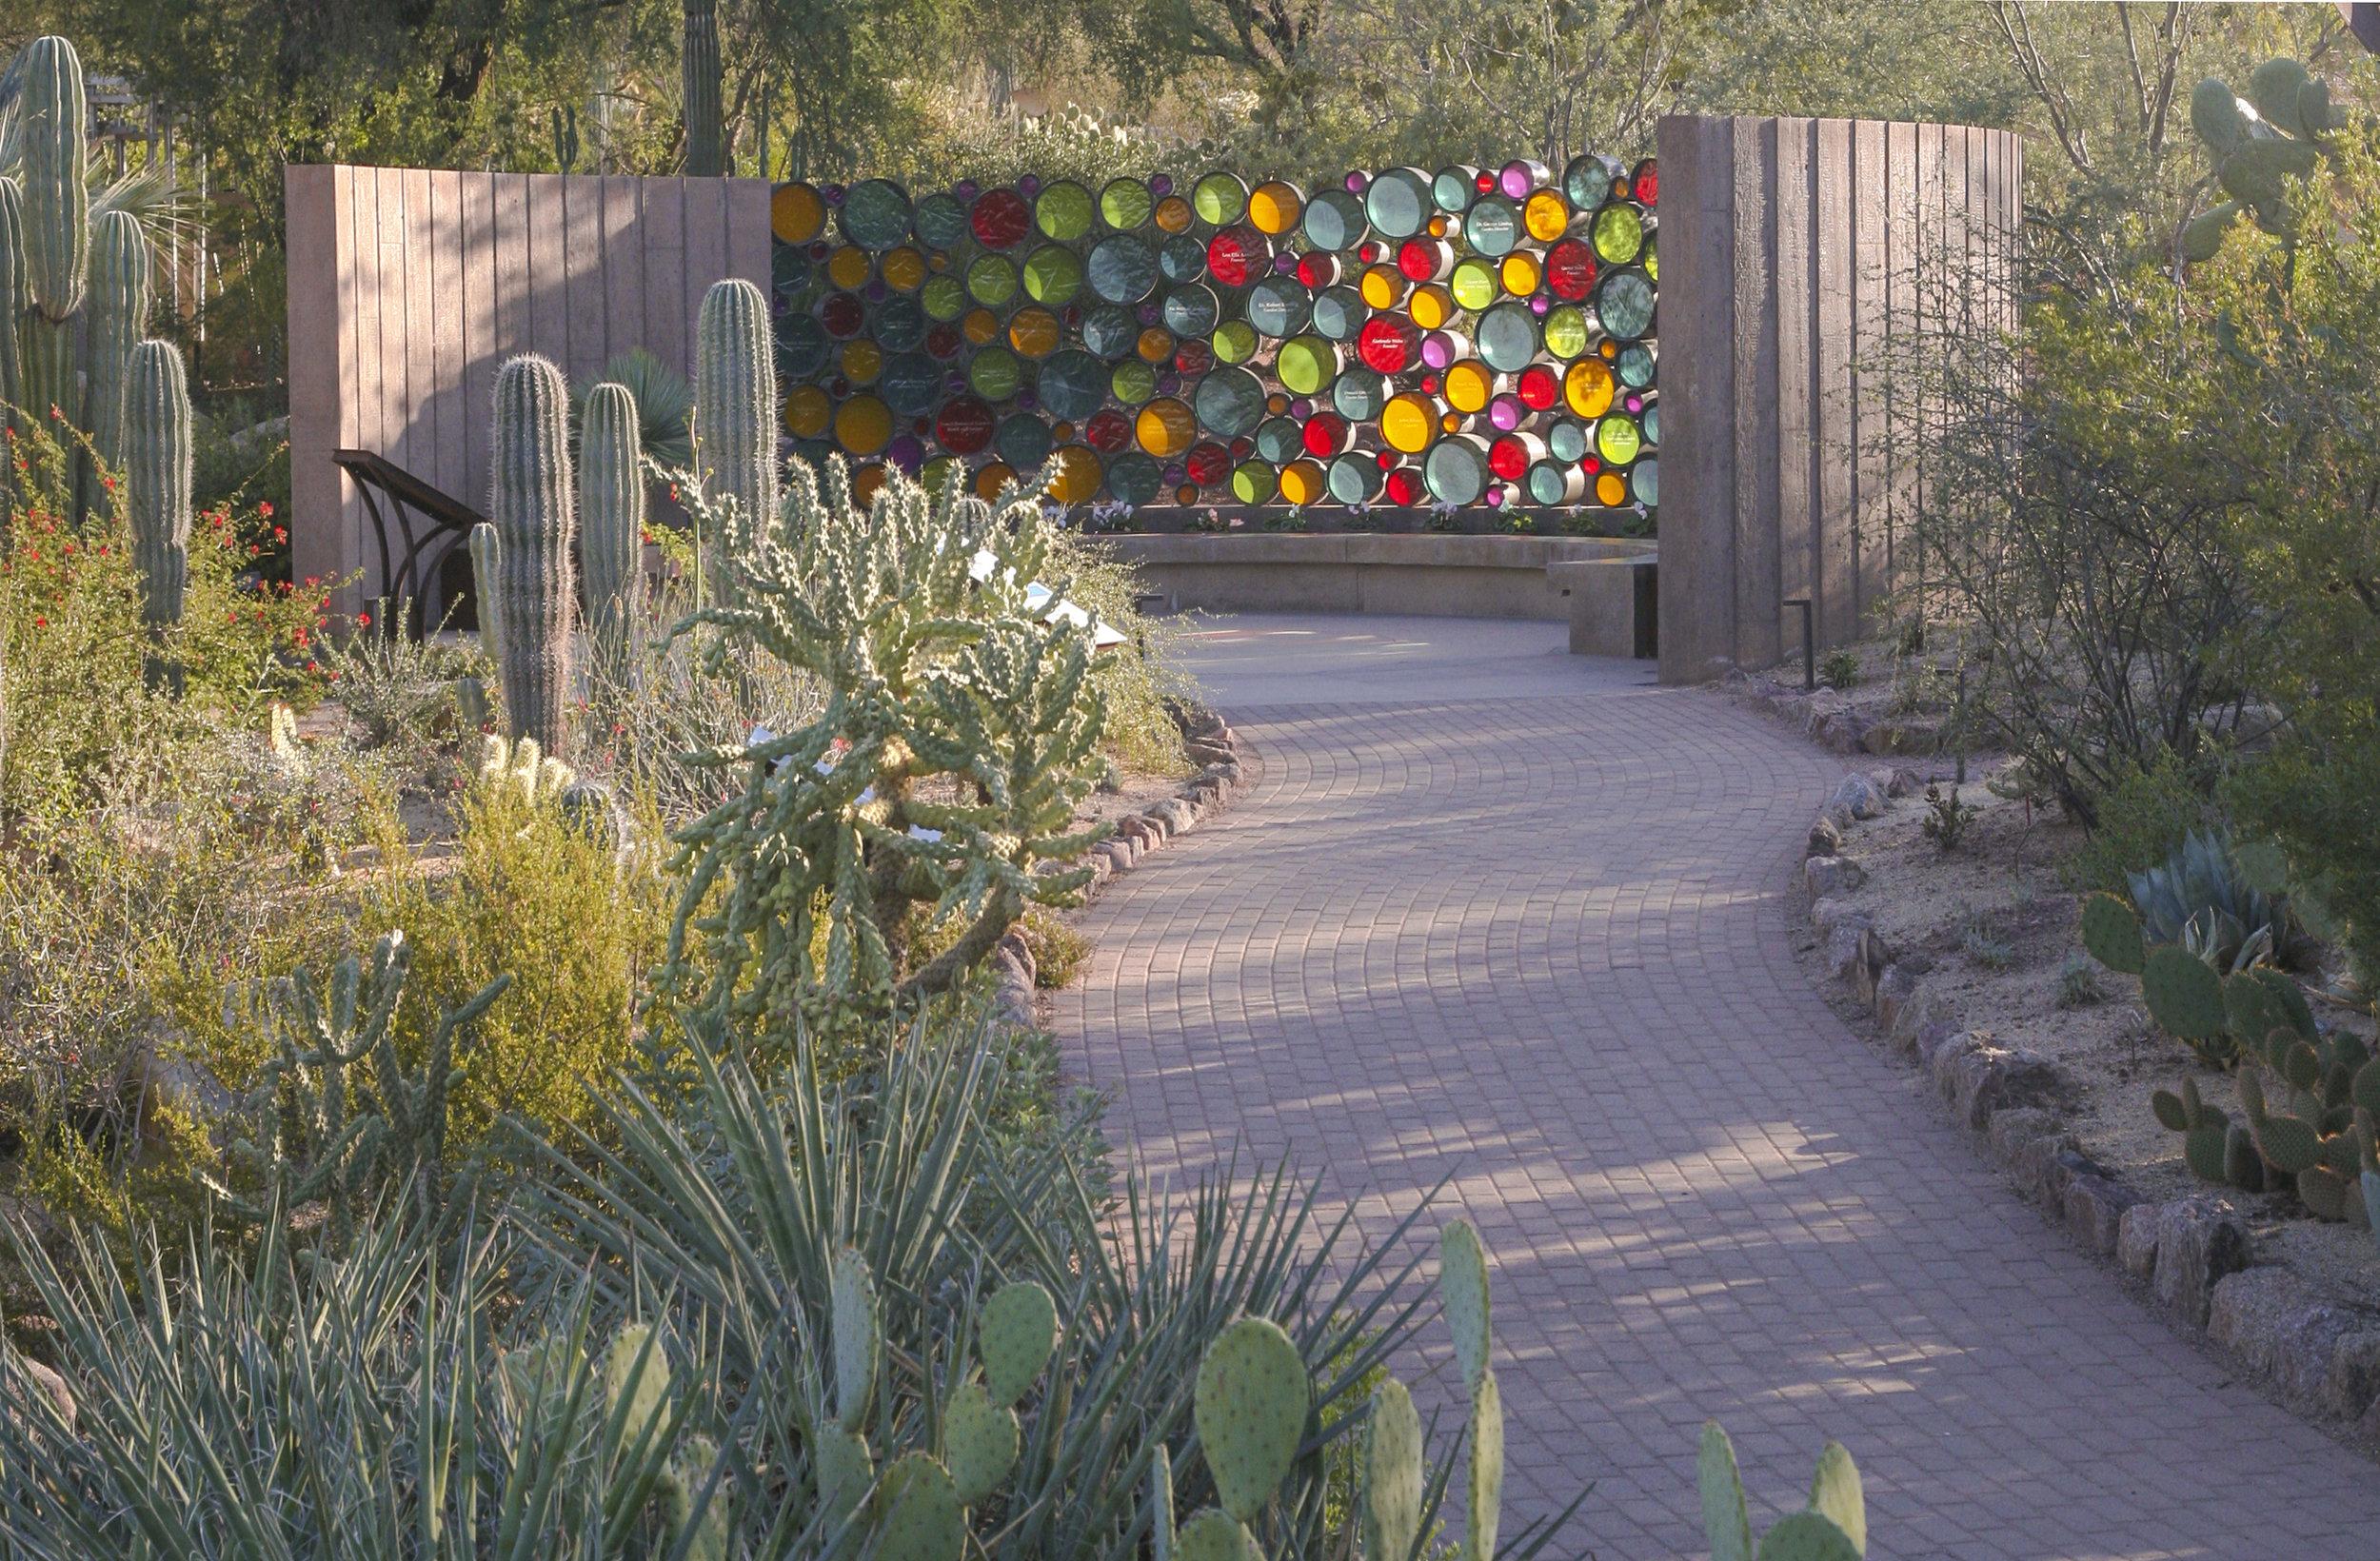 Desert Botanical Garden's Heritage Garden. Image Courtesy of Floor Associates